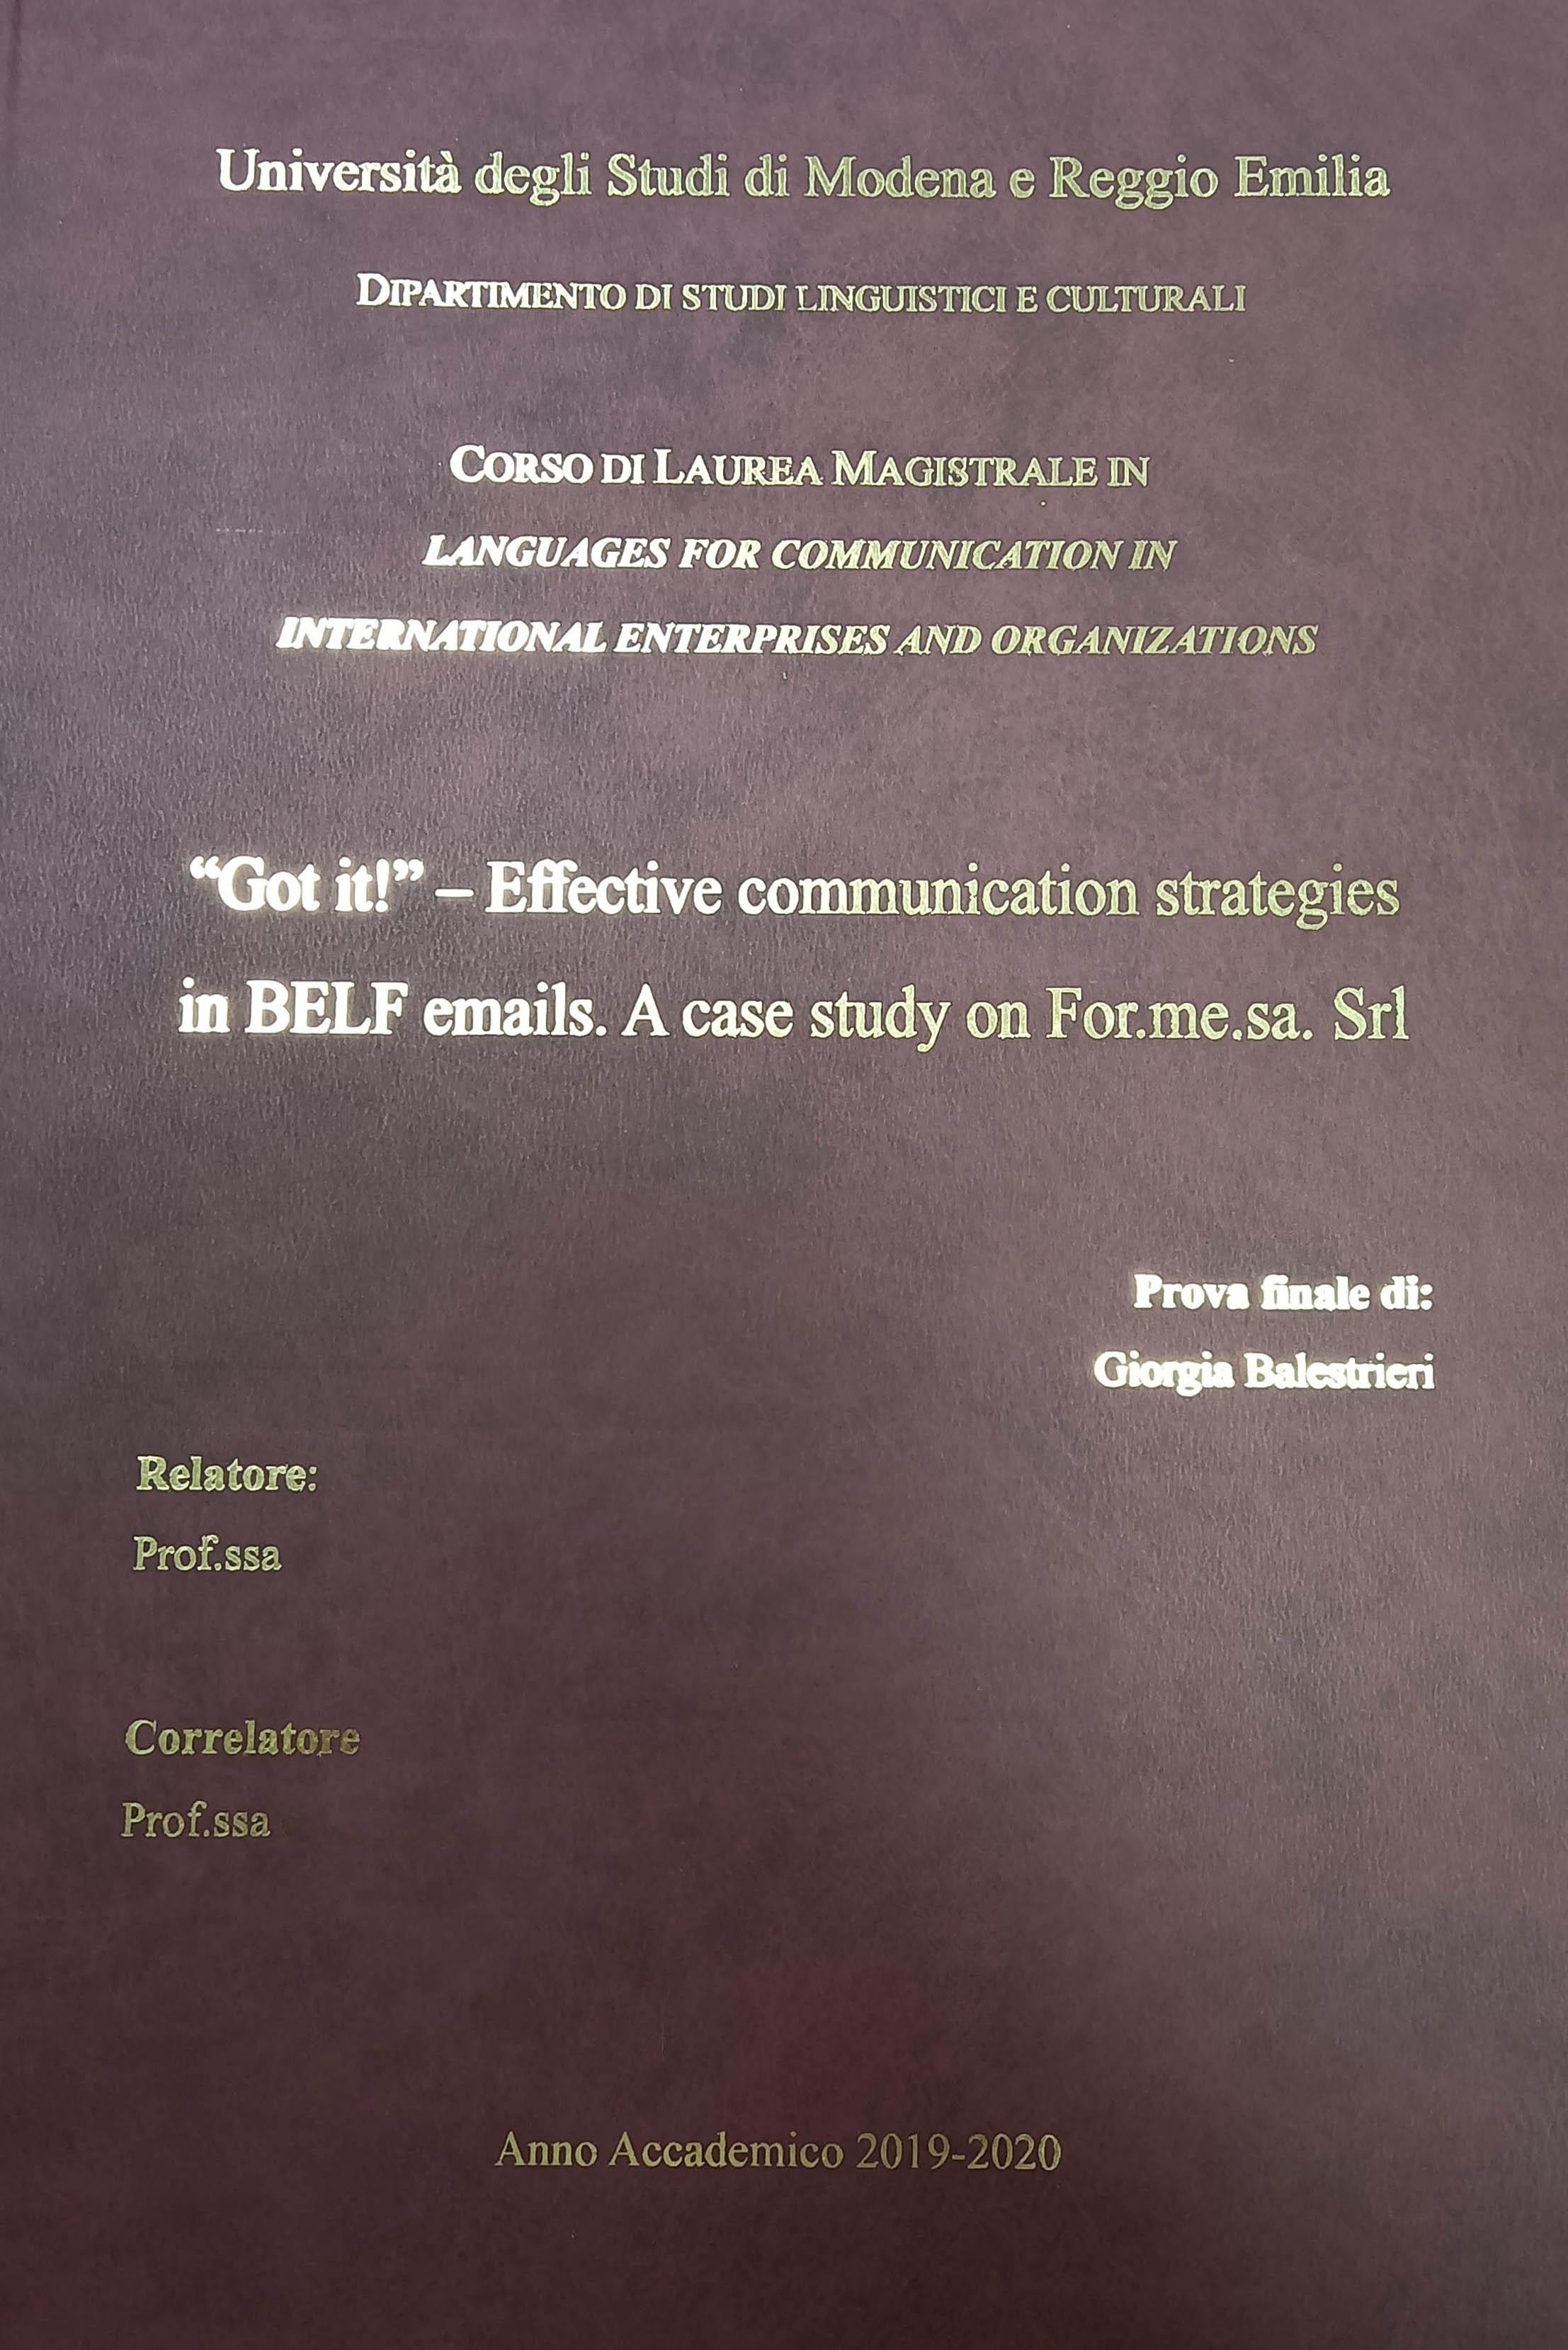 La tesi sulla comunicazione aziendale sviluppata durante lo stage in for.me.sa.